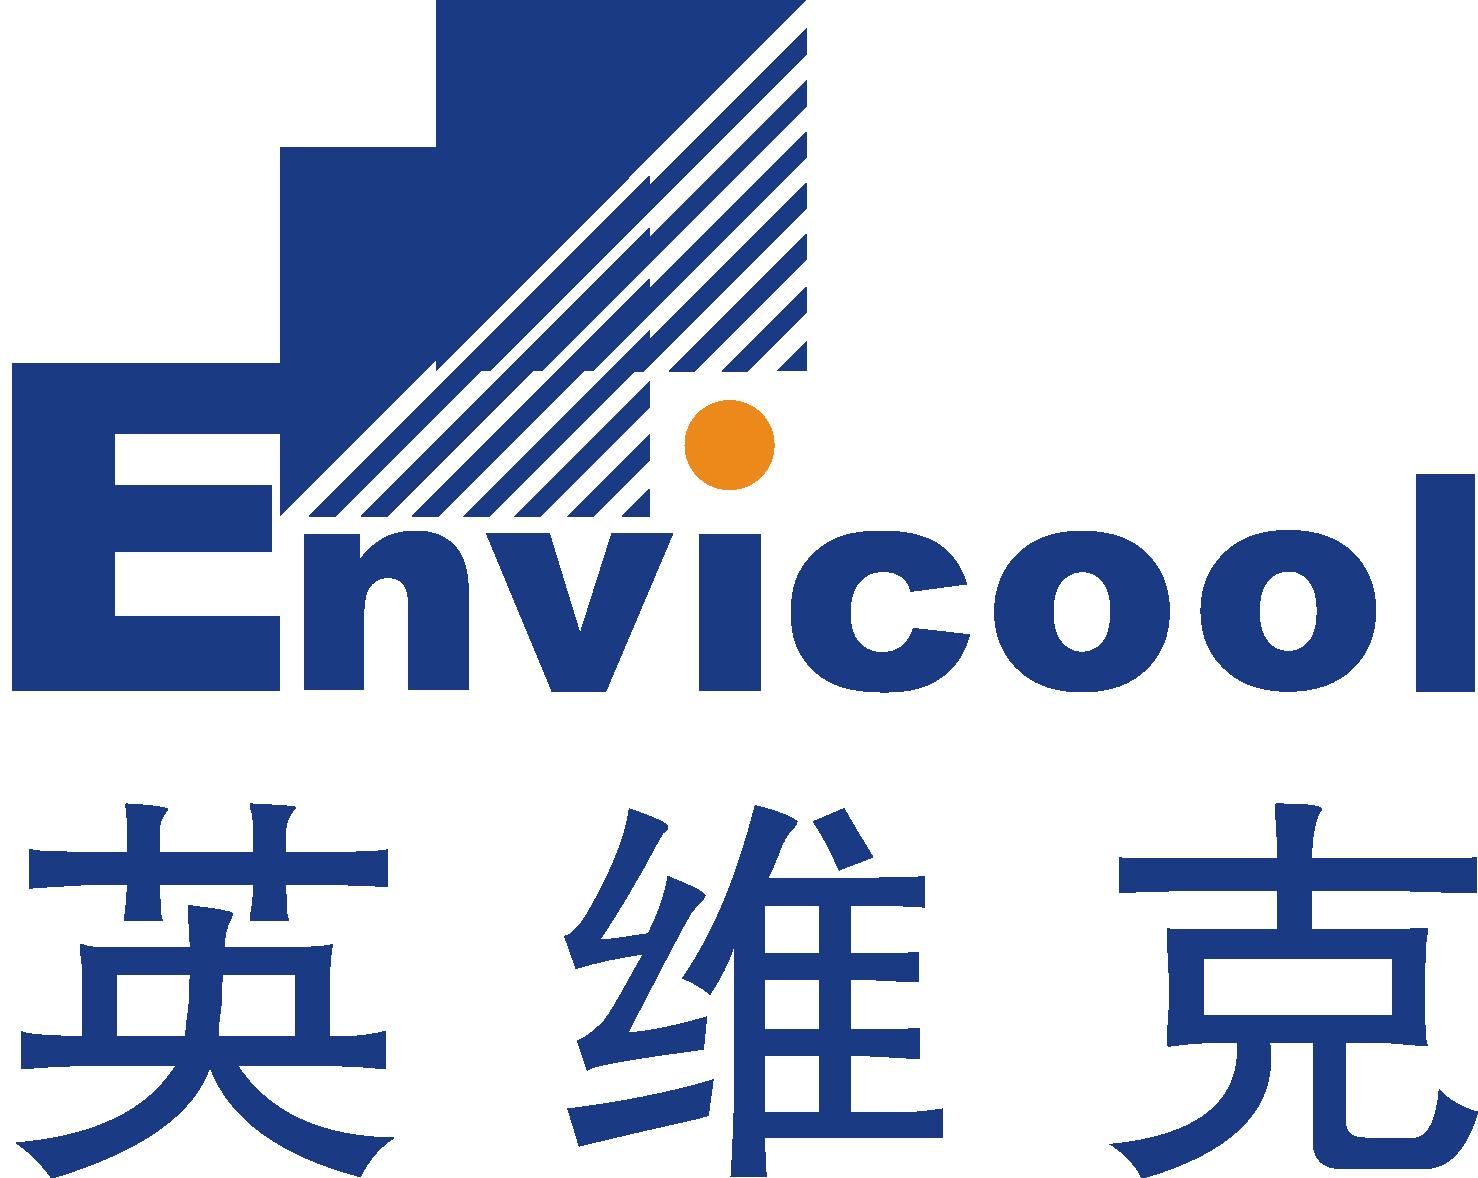 深圳市英维克科技股份有限公司宣讲会 - 广东工业大学